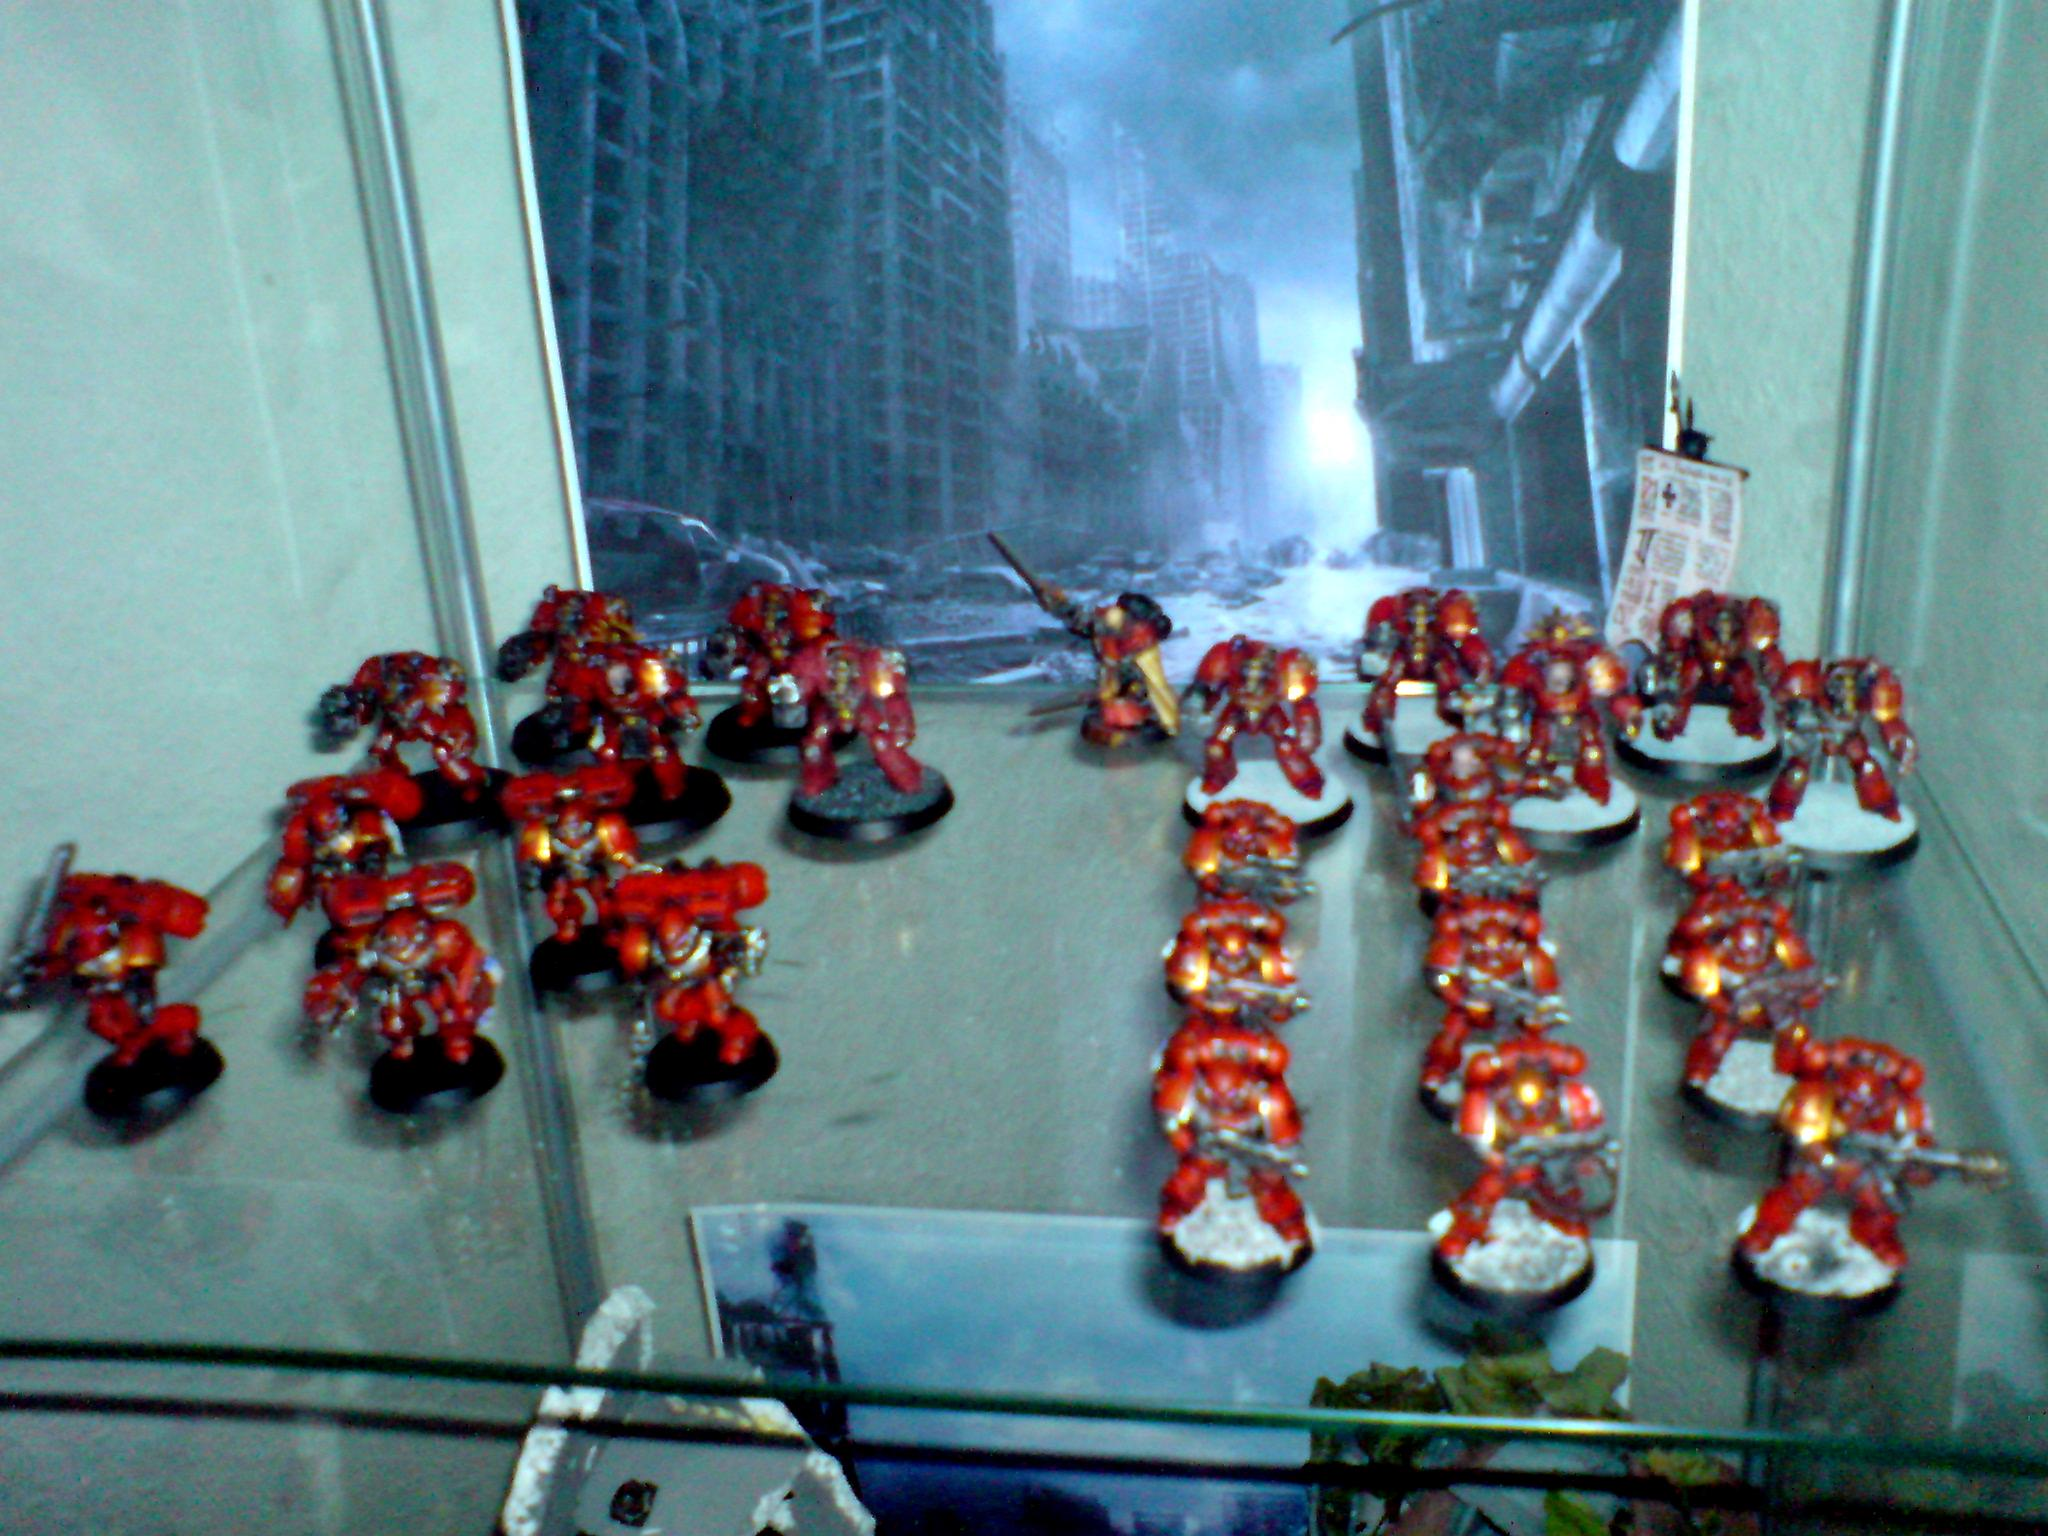 Space Marines 40k, Space Marines 40k